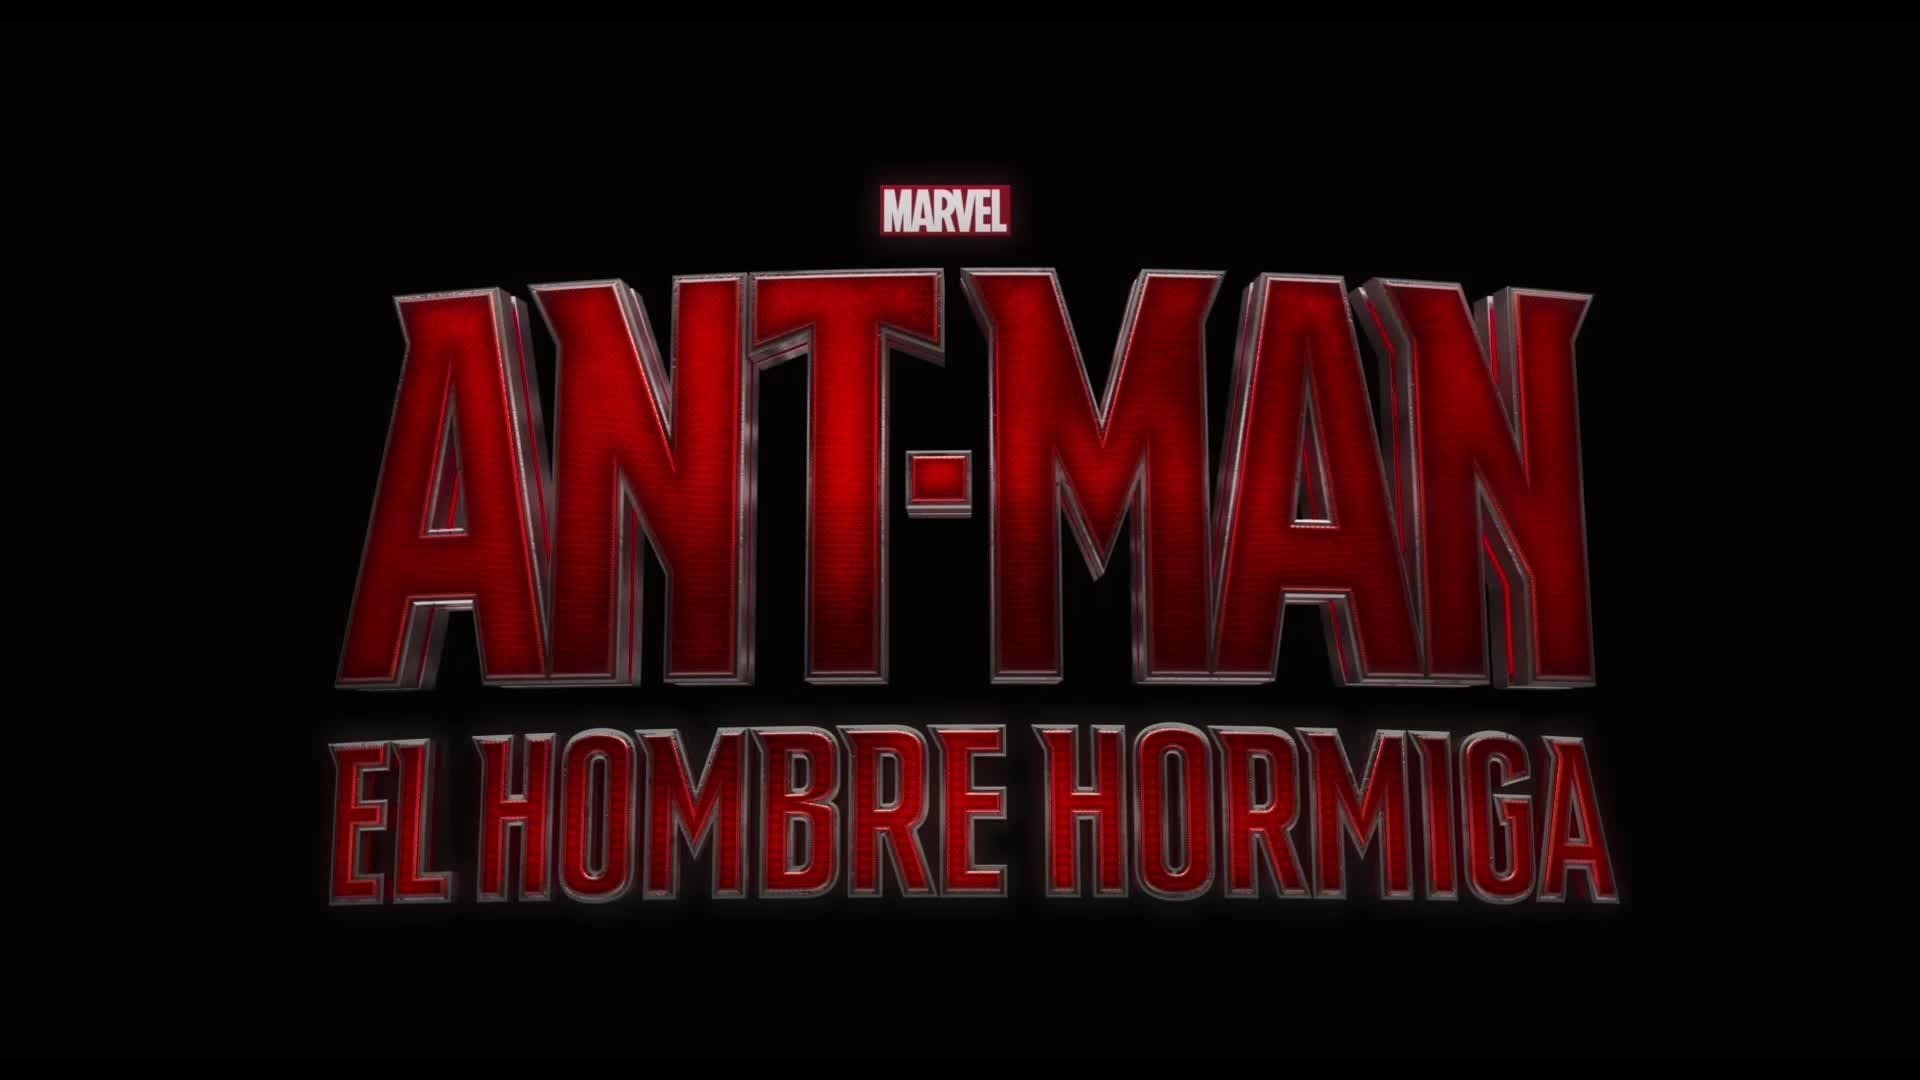 Solo las pequeñas cosas - Ant-Man: El hombre hormiga